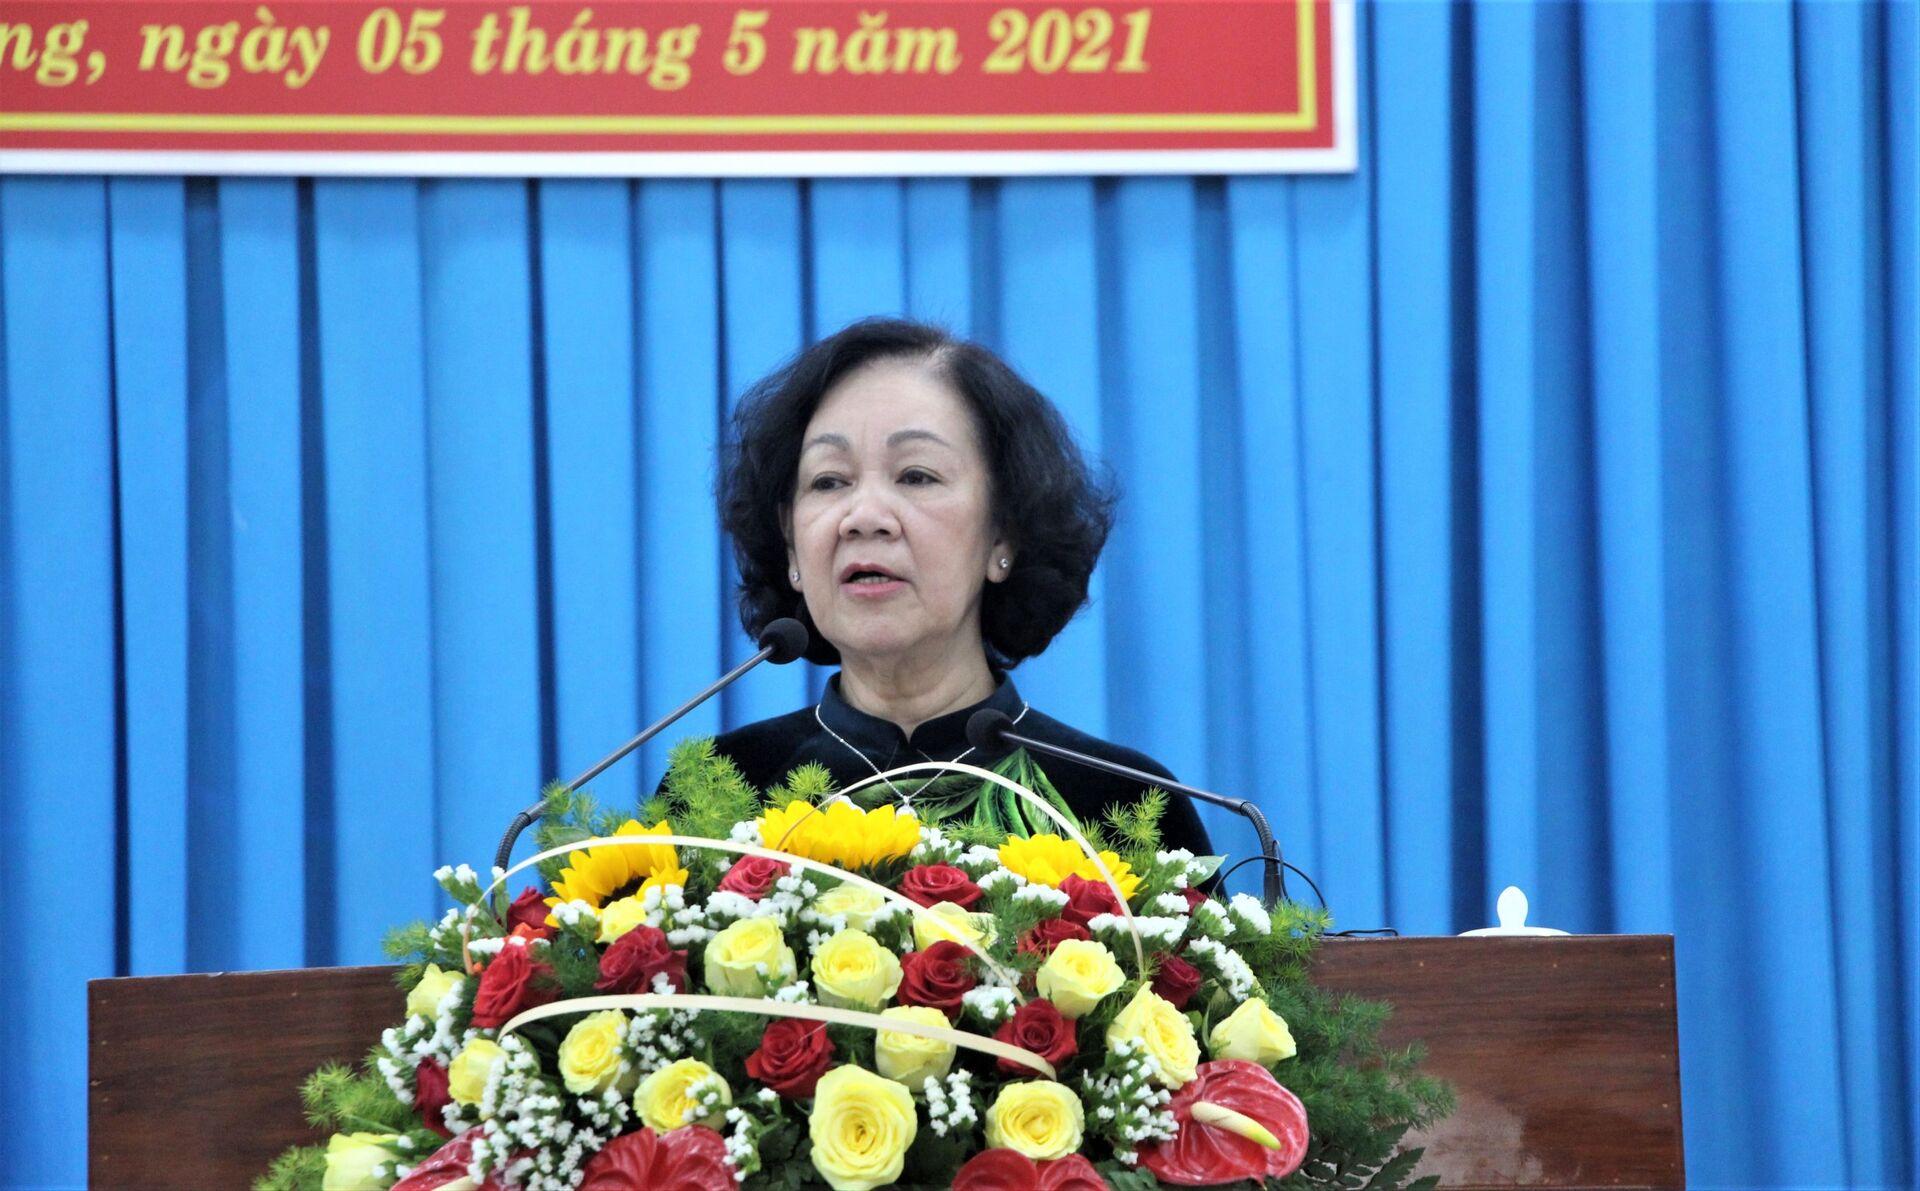 Tiếng nói của người trẻ Việt: Luôn trăn trở về chủ quyền biển đảo - Sputnik Việt Nam, 1920, 06.05.2021